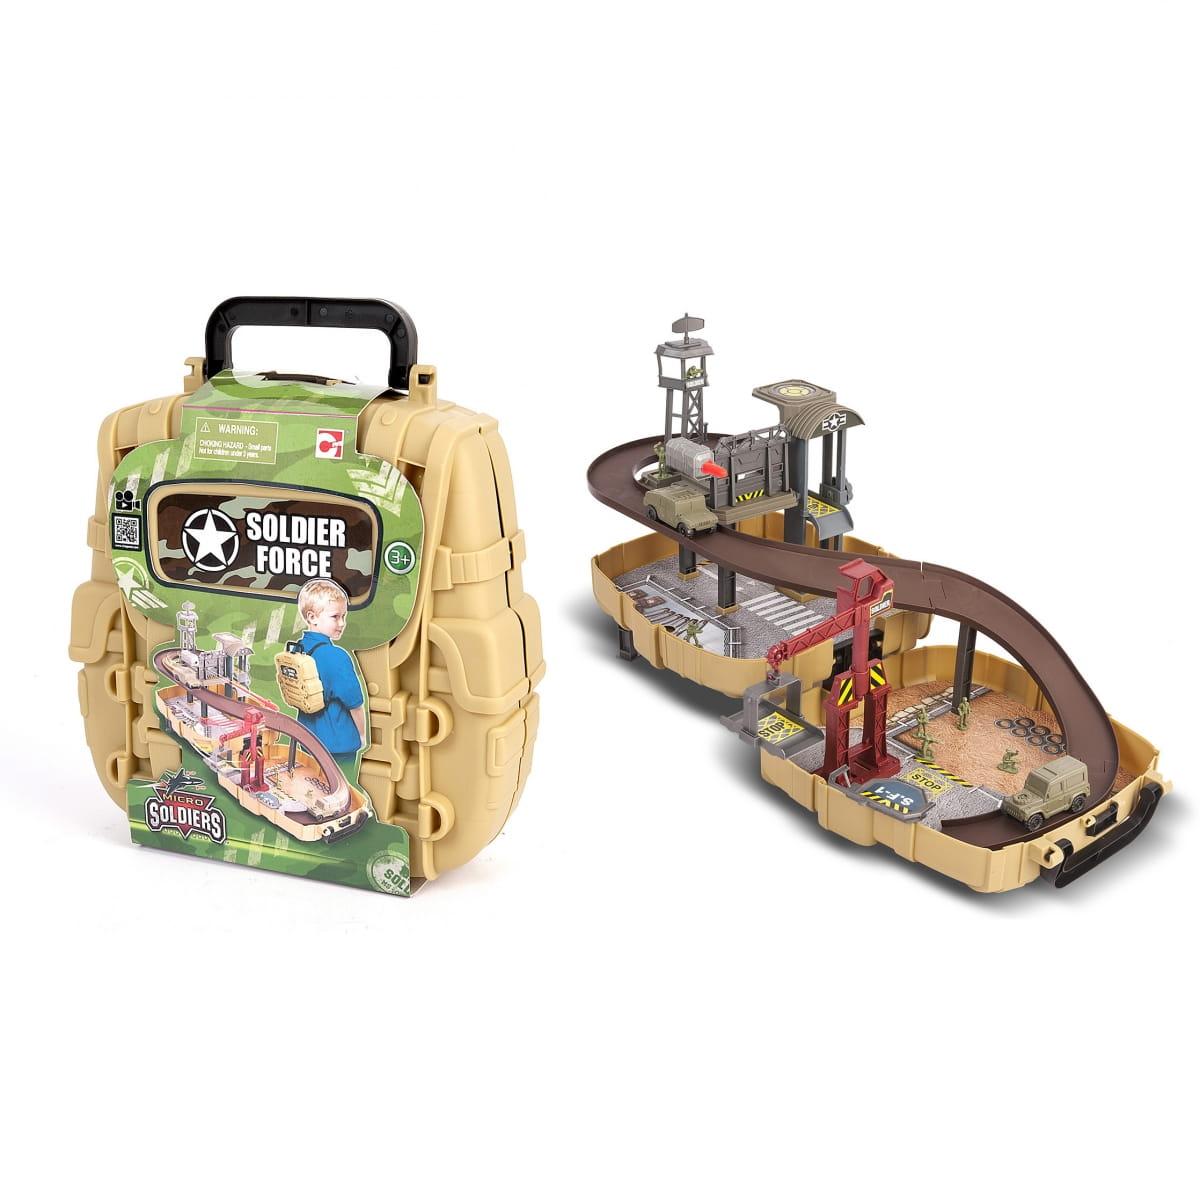 Мини-трек Chap Mei 524002 Нано-Армия в рюкзаке